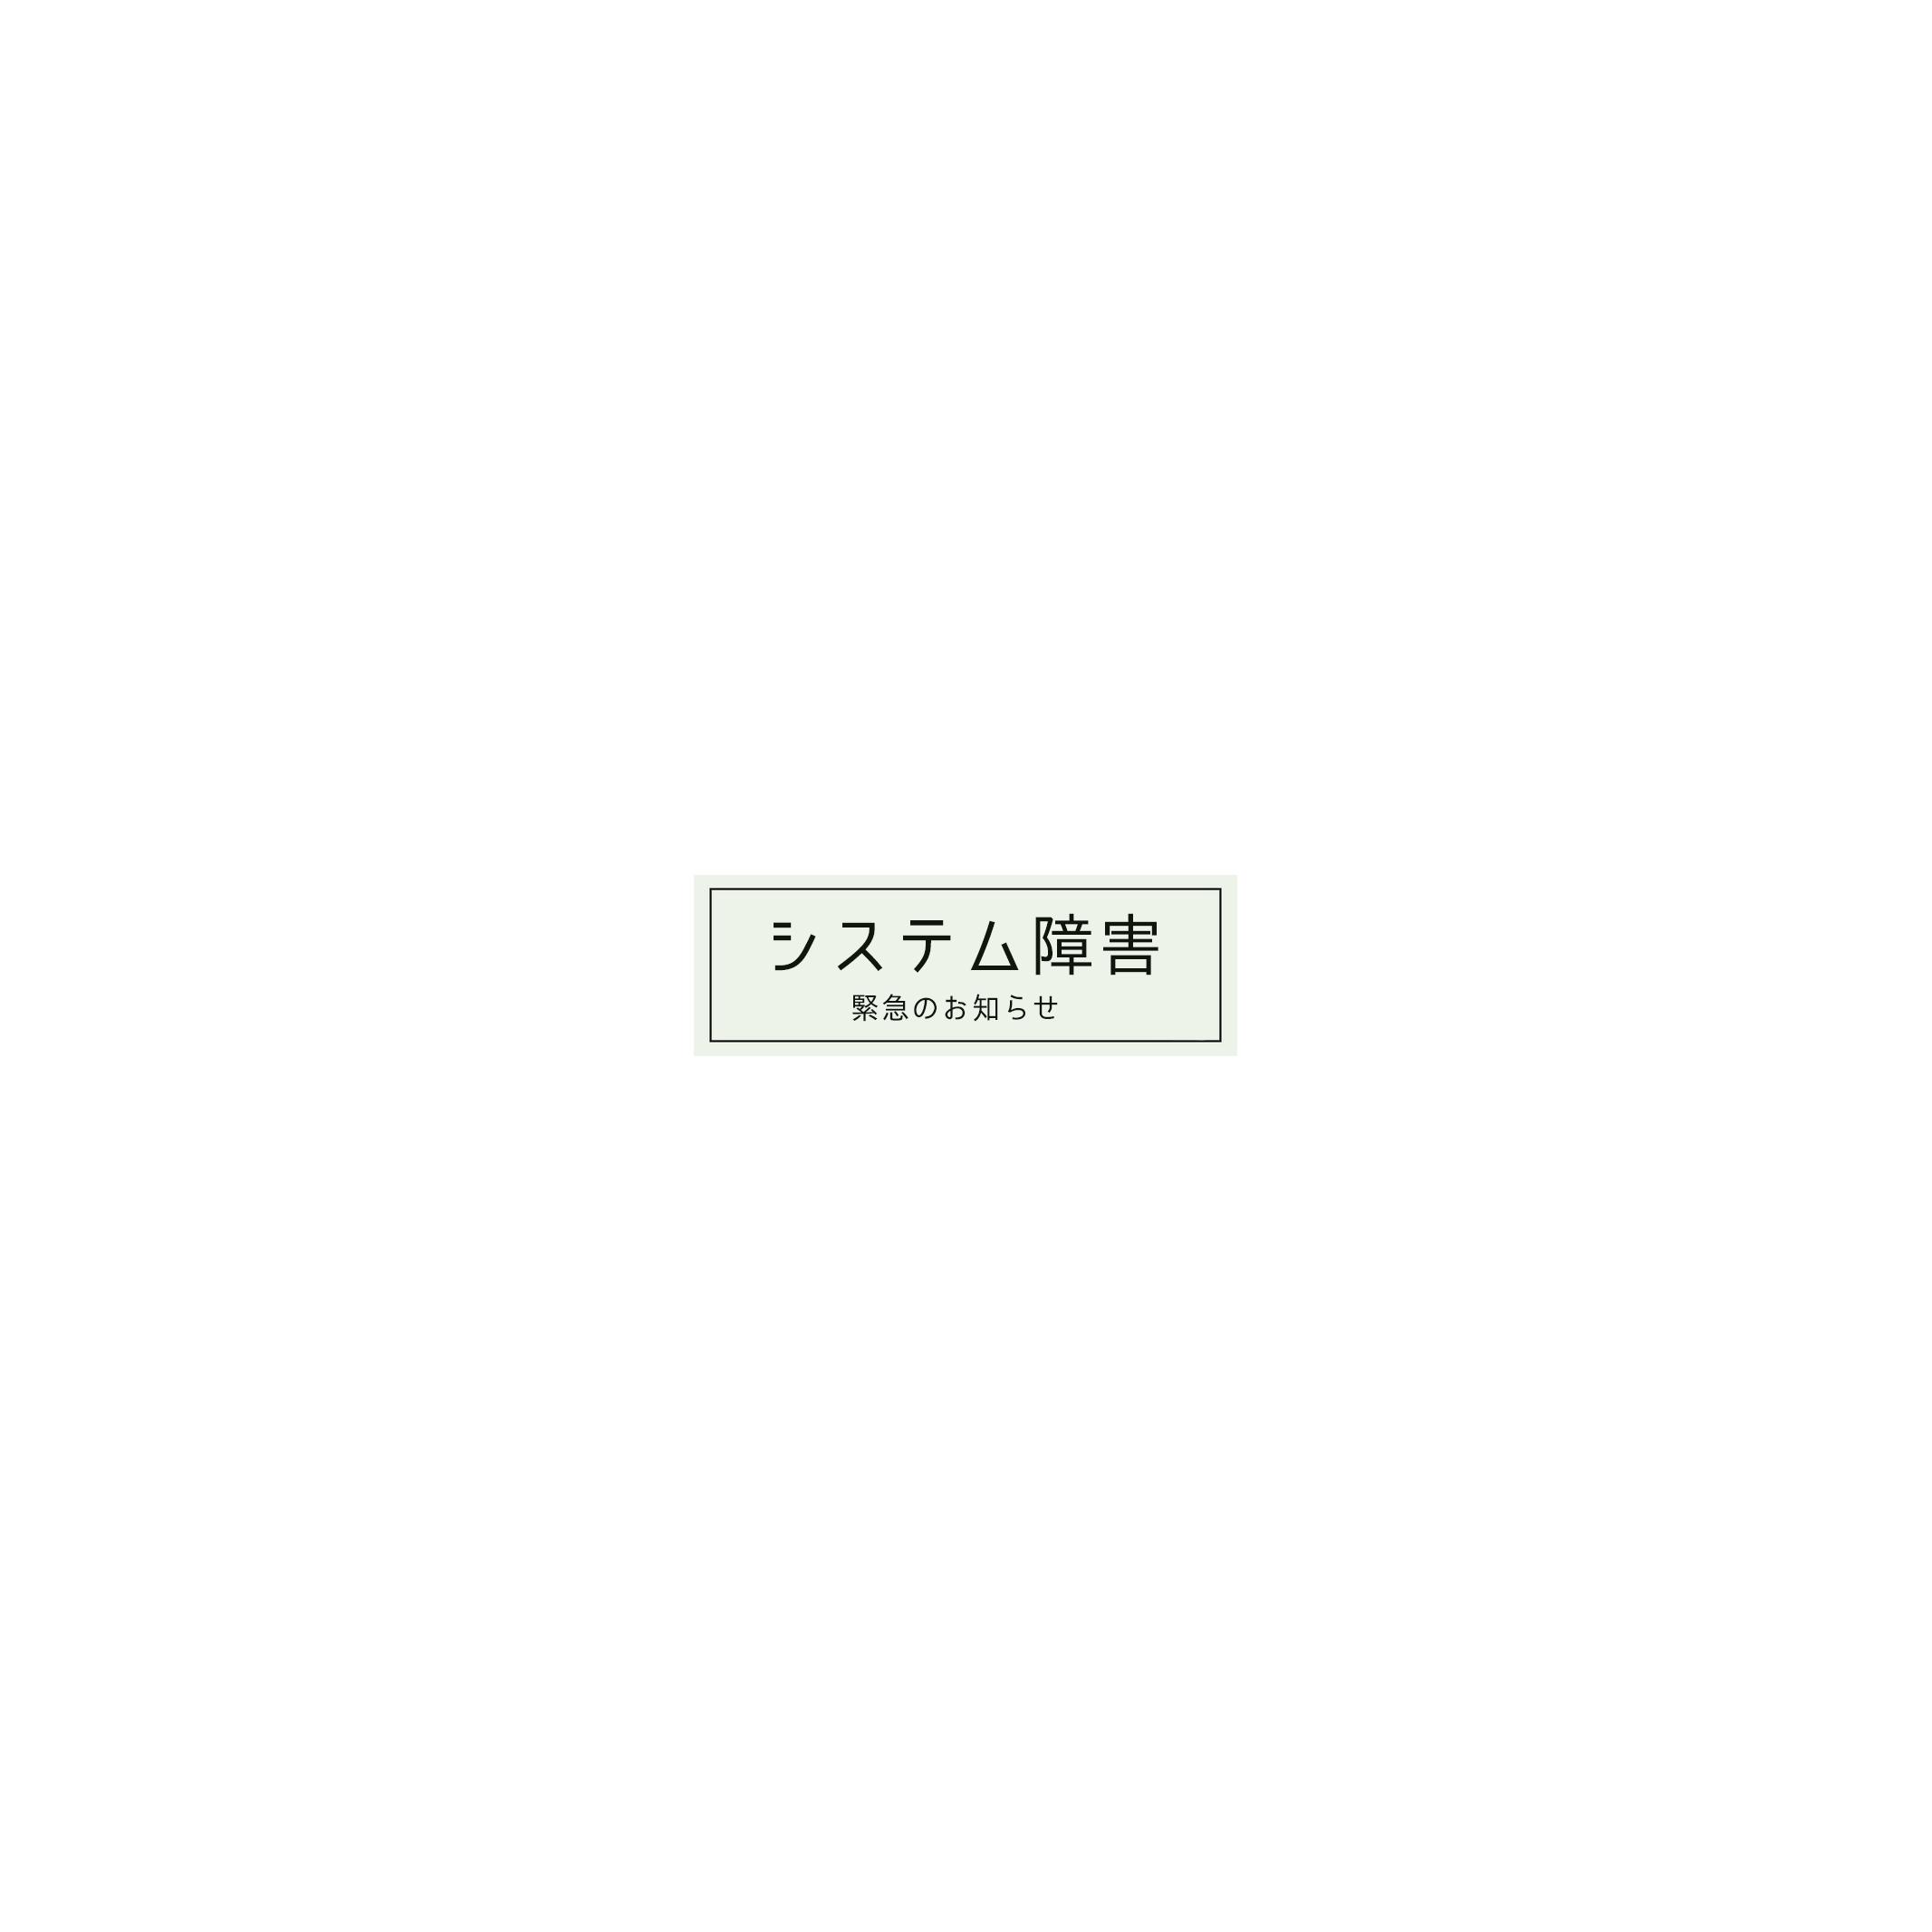 【お詫び】2018/5/31システム障害のご報告